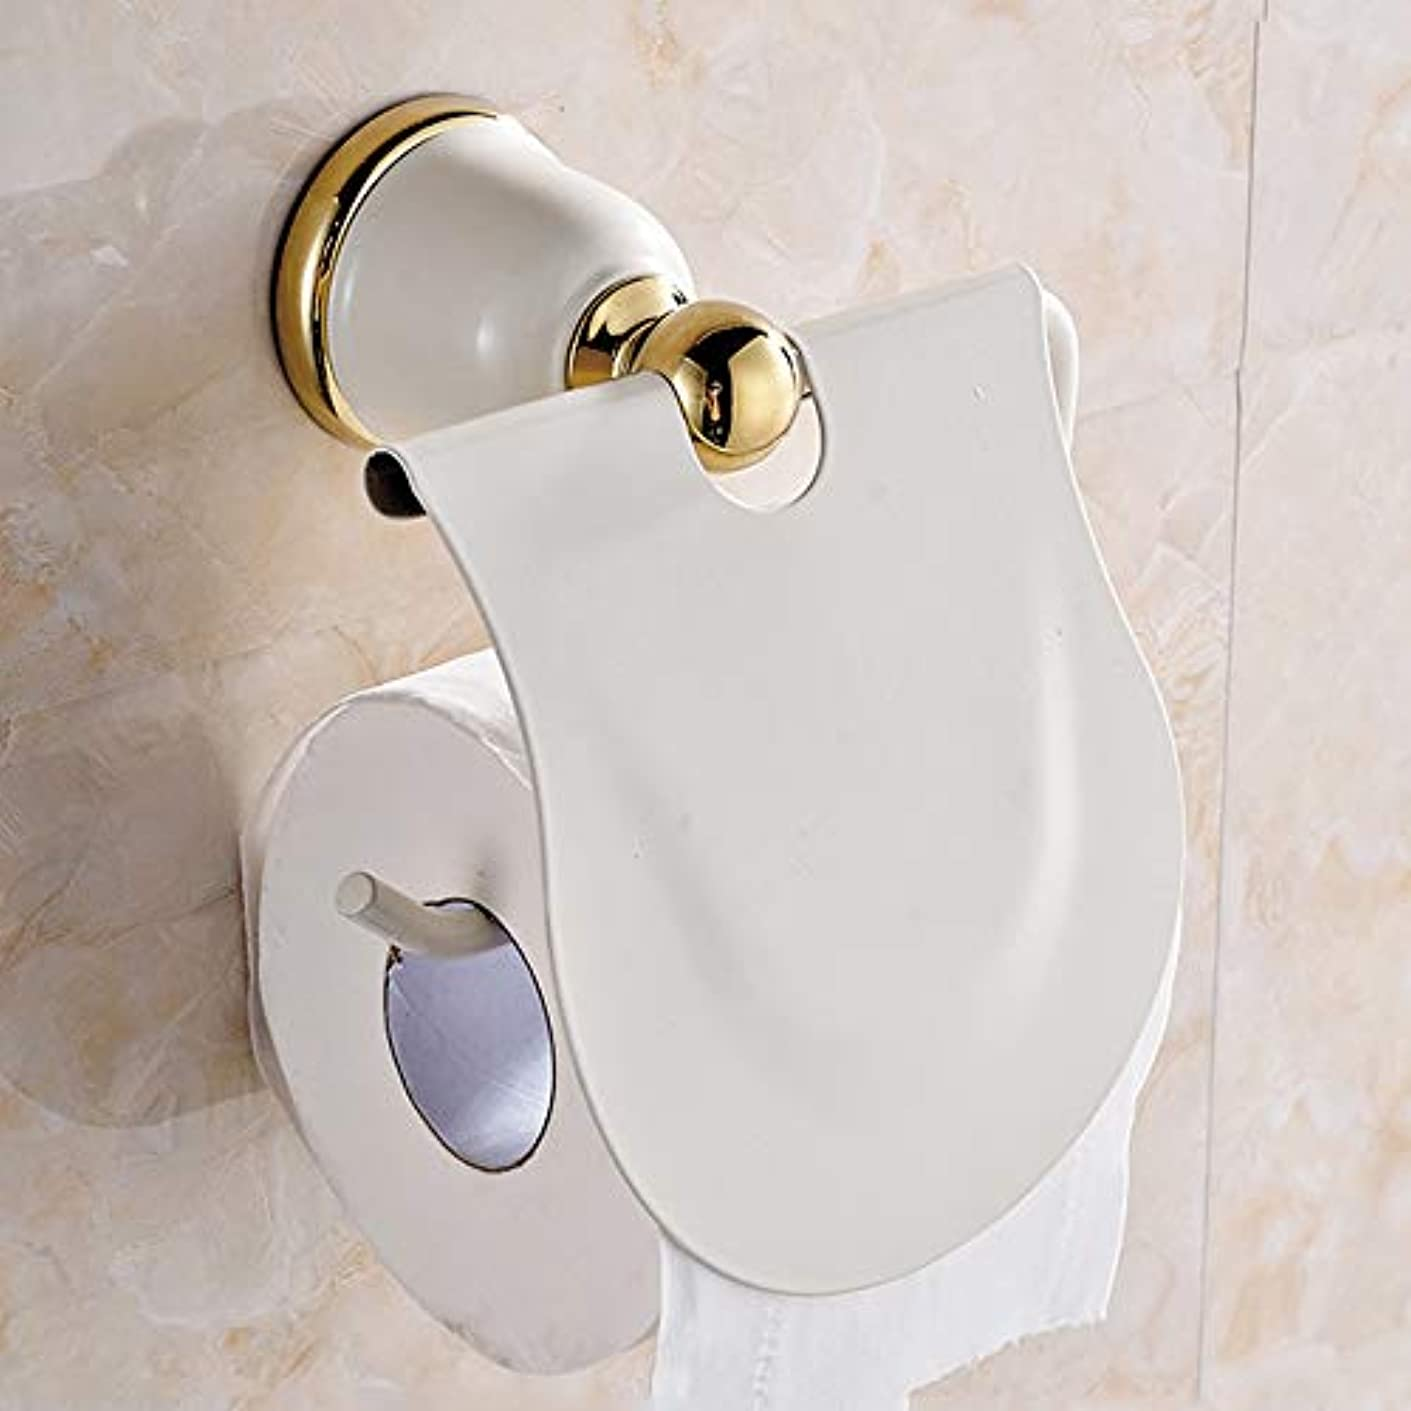 解説開始湿ったZZLX 紙タオルホルダー、ヨーロピアンパストラルライスホワイトペイントロールカートントイレットペーパーホルダーゴールドアンティークティッシュボックスバスルームペンダント ロングハンドル風呂ブラシ (色 : ゴールド)